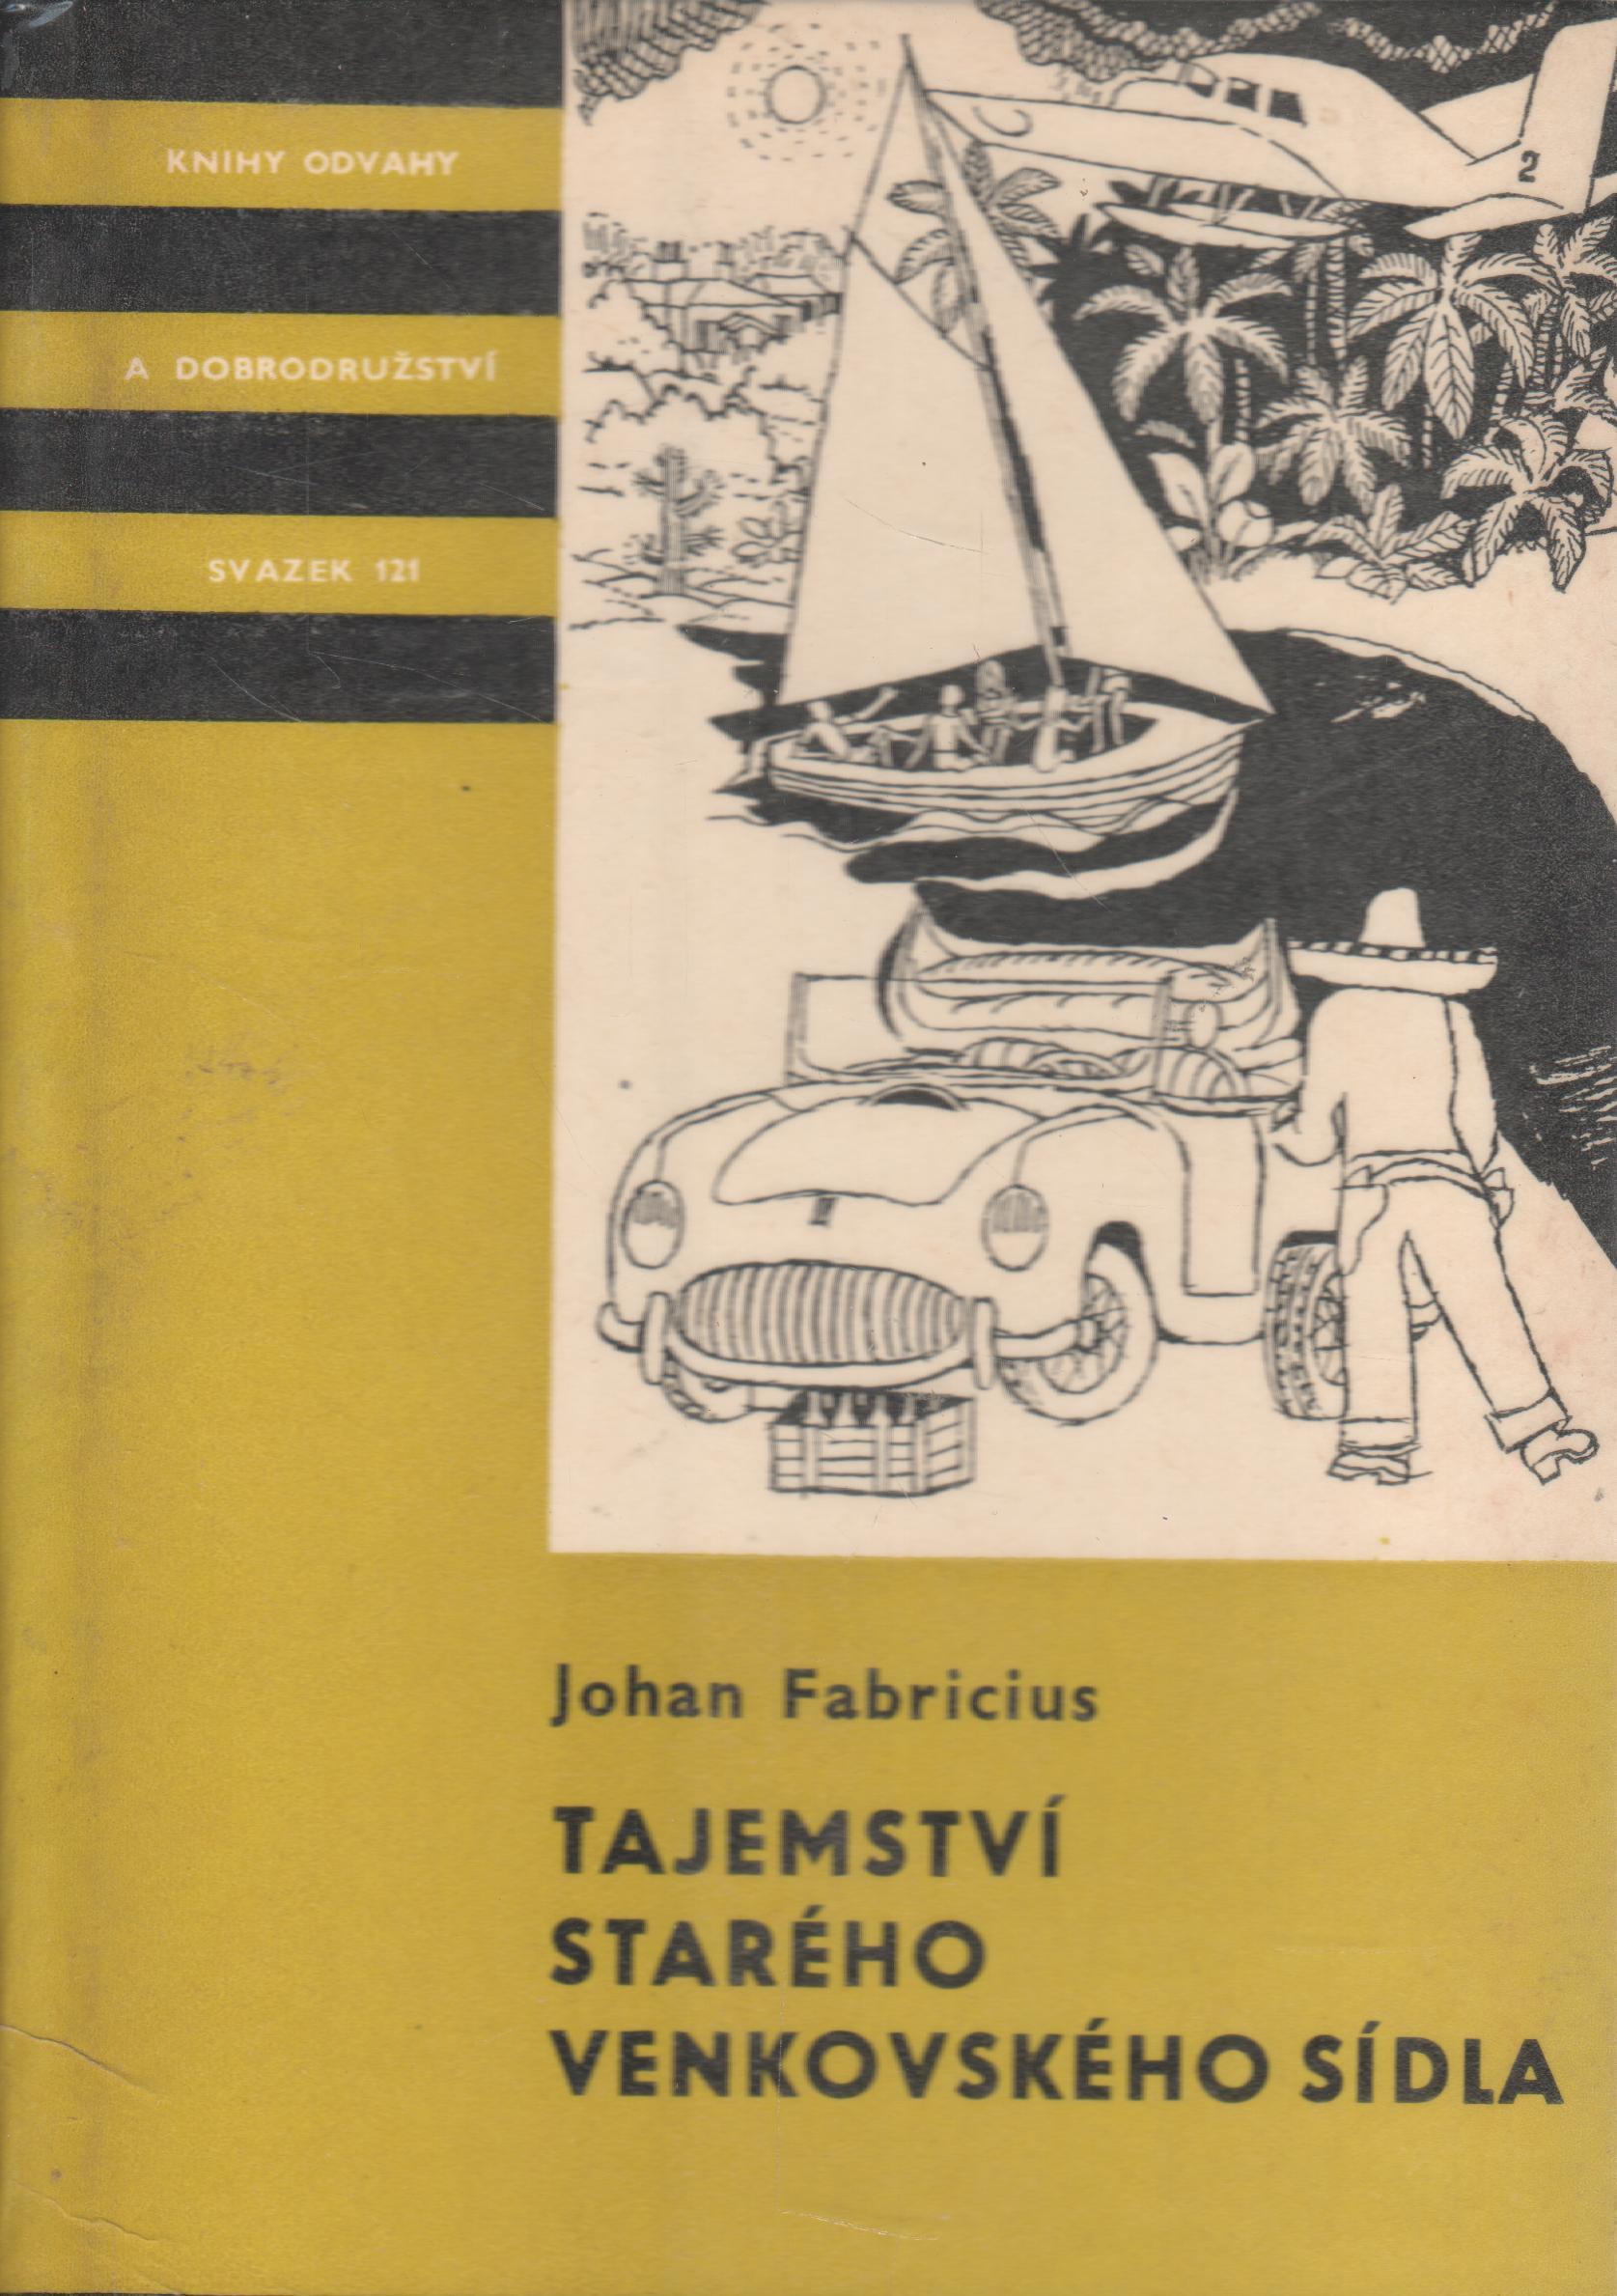 KOD sv. 121 Tajemství starého venkovského sídla / Jahan Fabricius, 1972